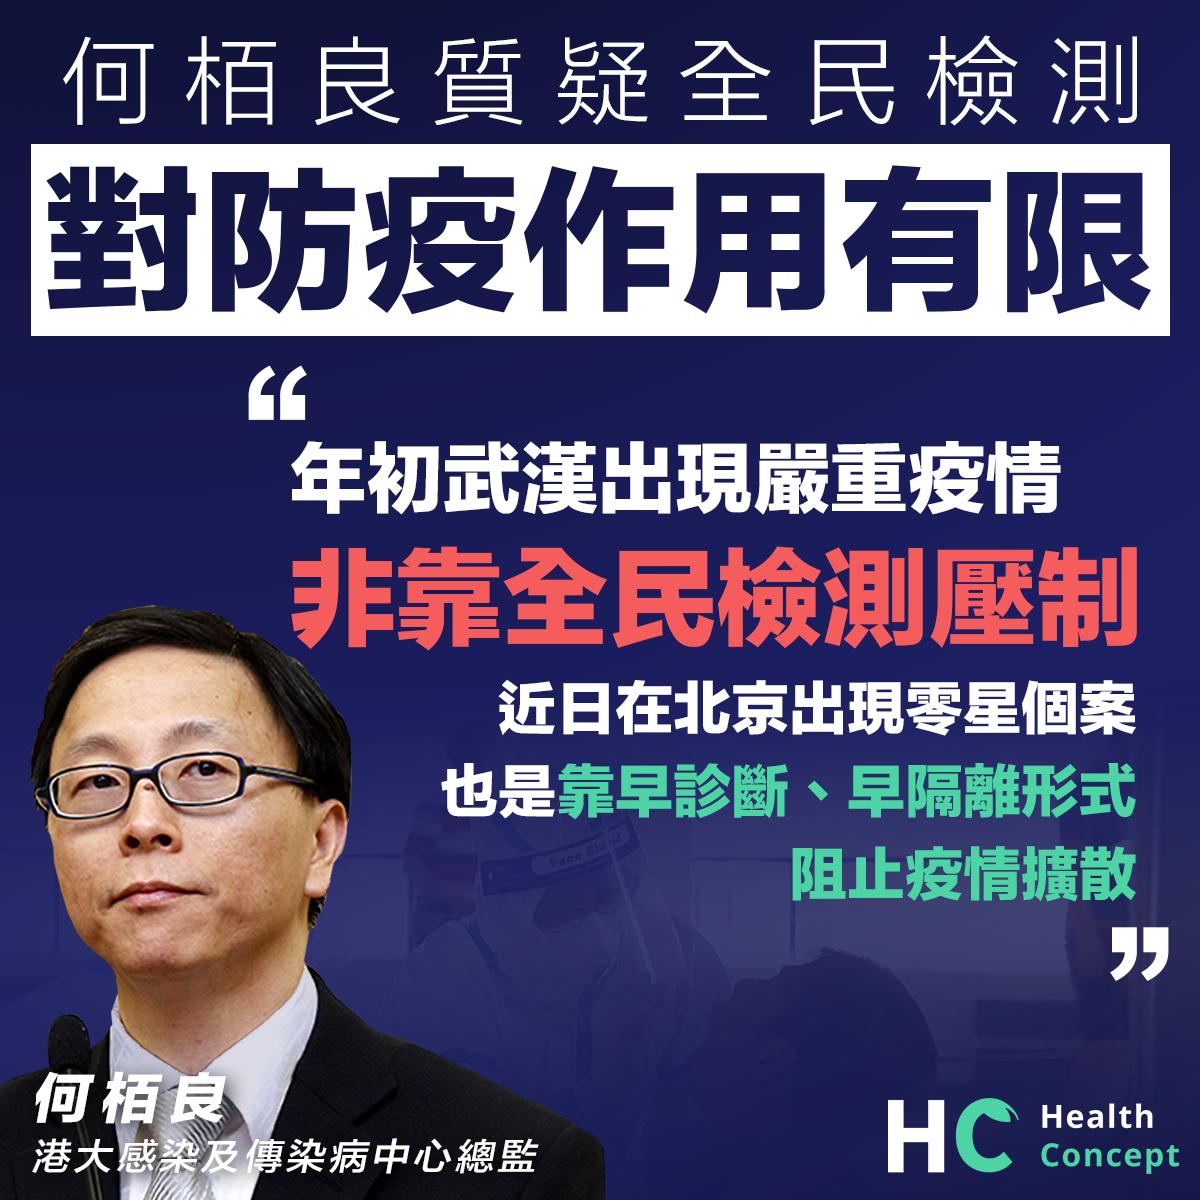 【新型肺炎】何栢良質疑全民檢測 對防疫作用有限